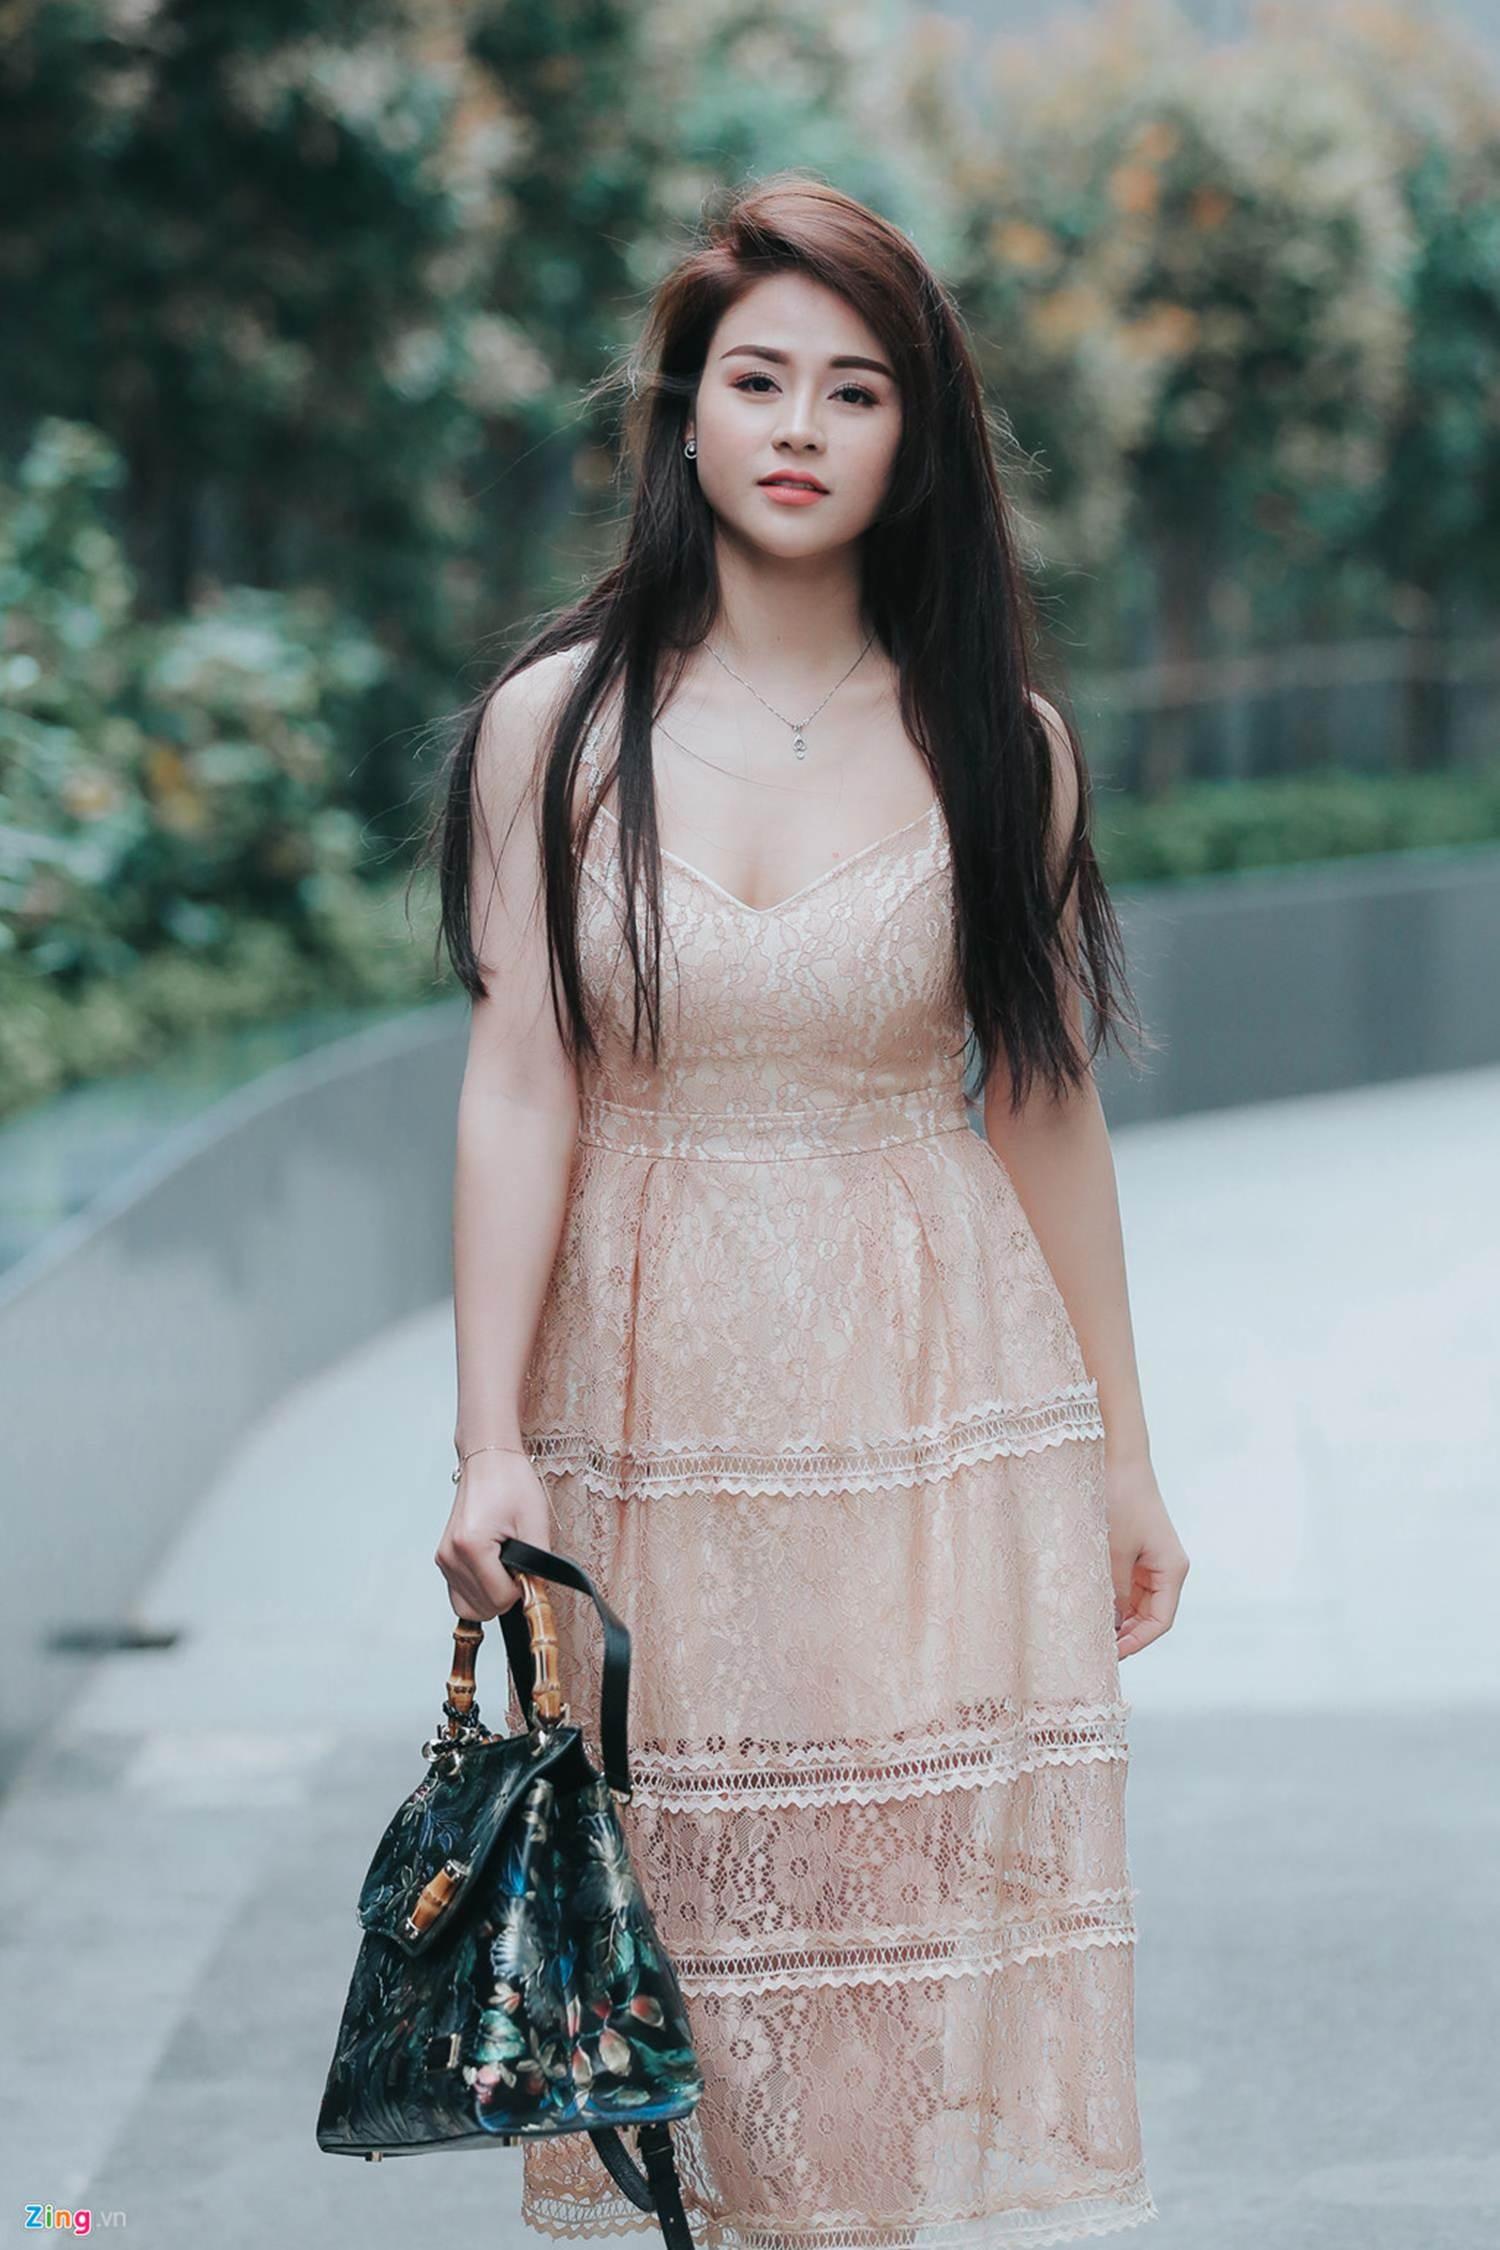 Vẻ sexy như hoa hậu của nữ chính Những cô gái trong thành phố-4